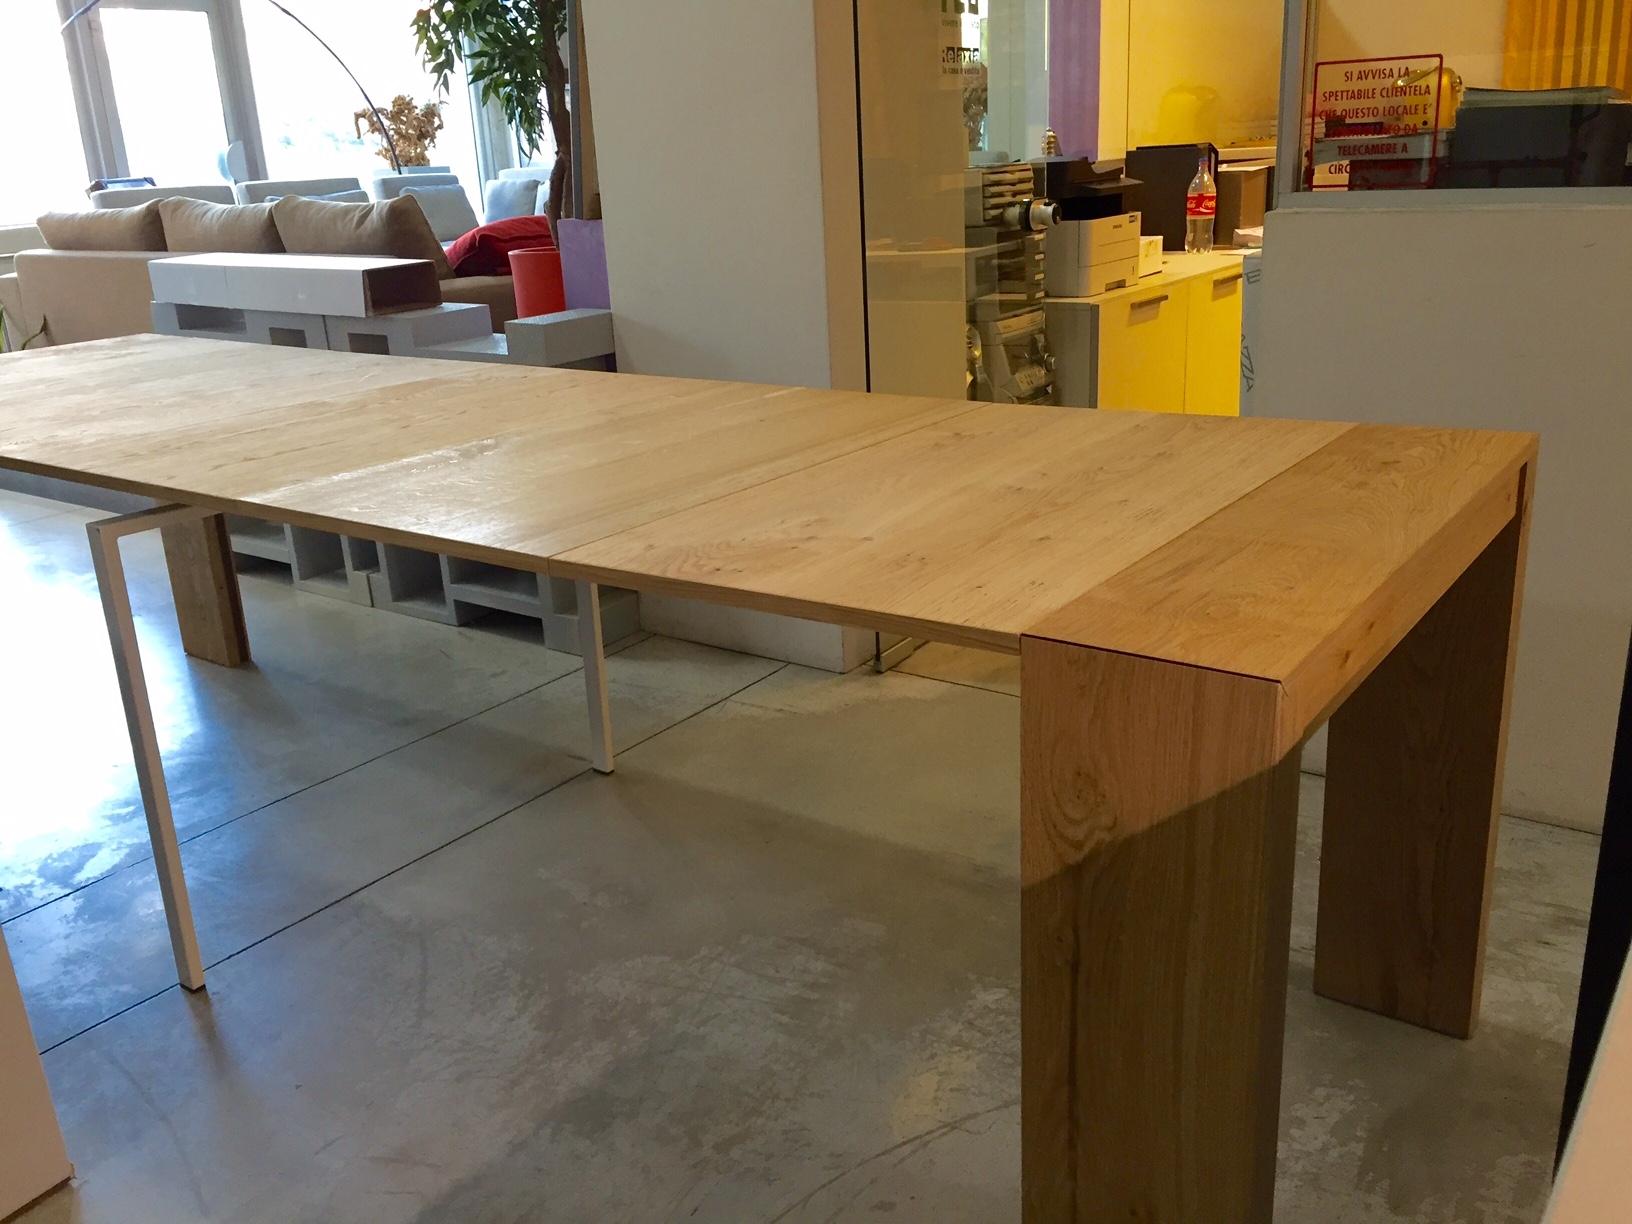 Consolle tavolo allungabile rovere naturale for Tavolo allungabile rovere